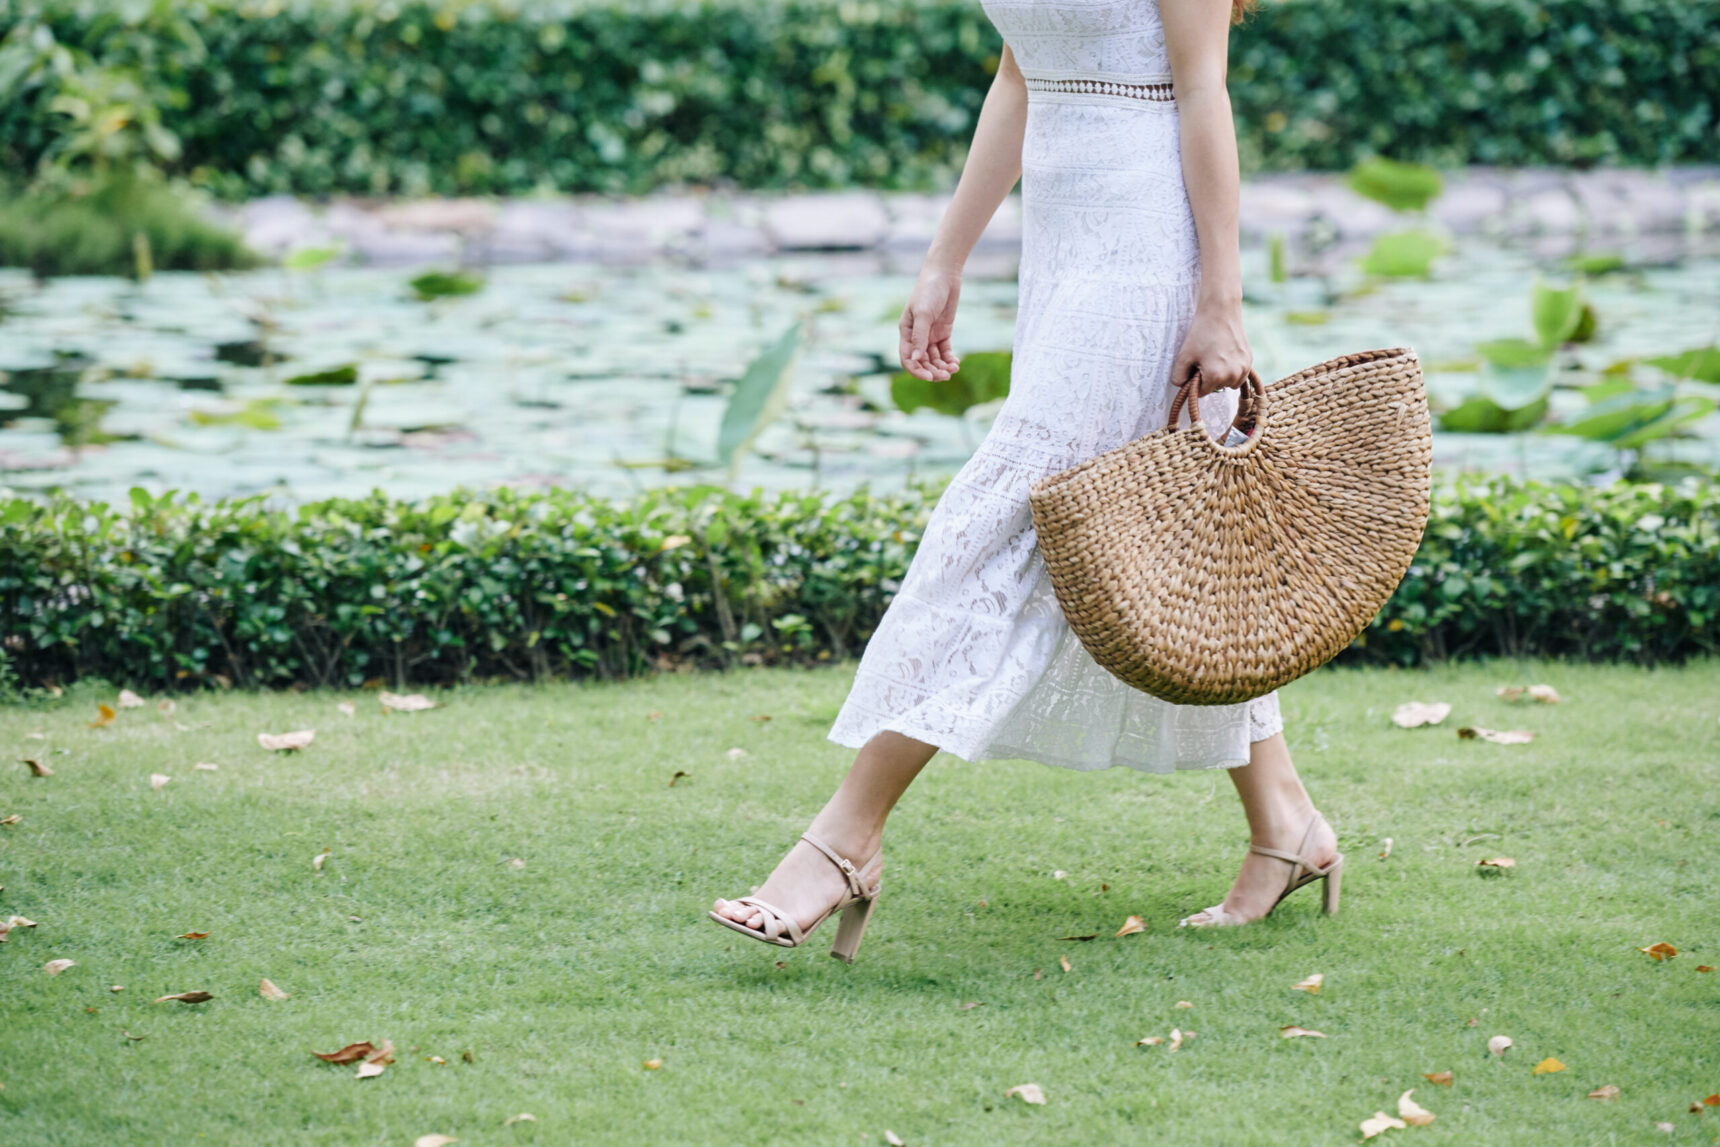 Torebka koszyk – idealny dodatek kobiecej stylizacji na lato!